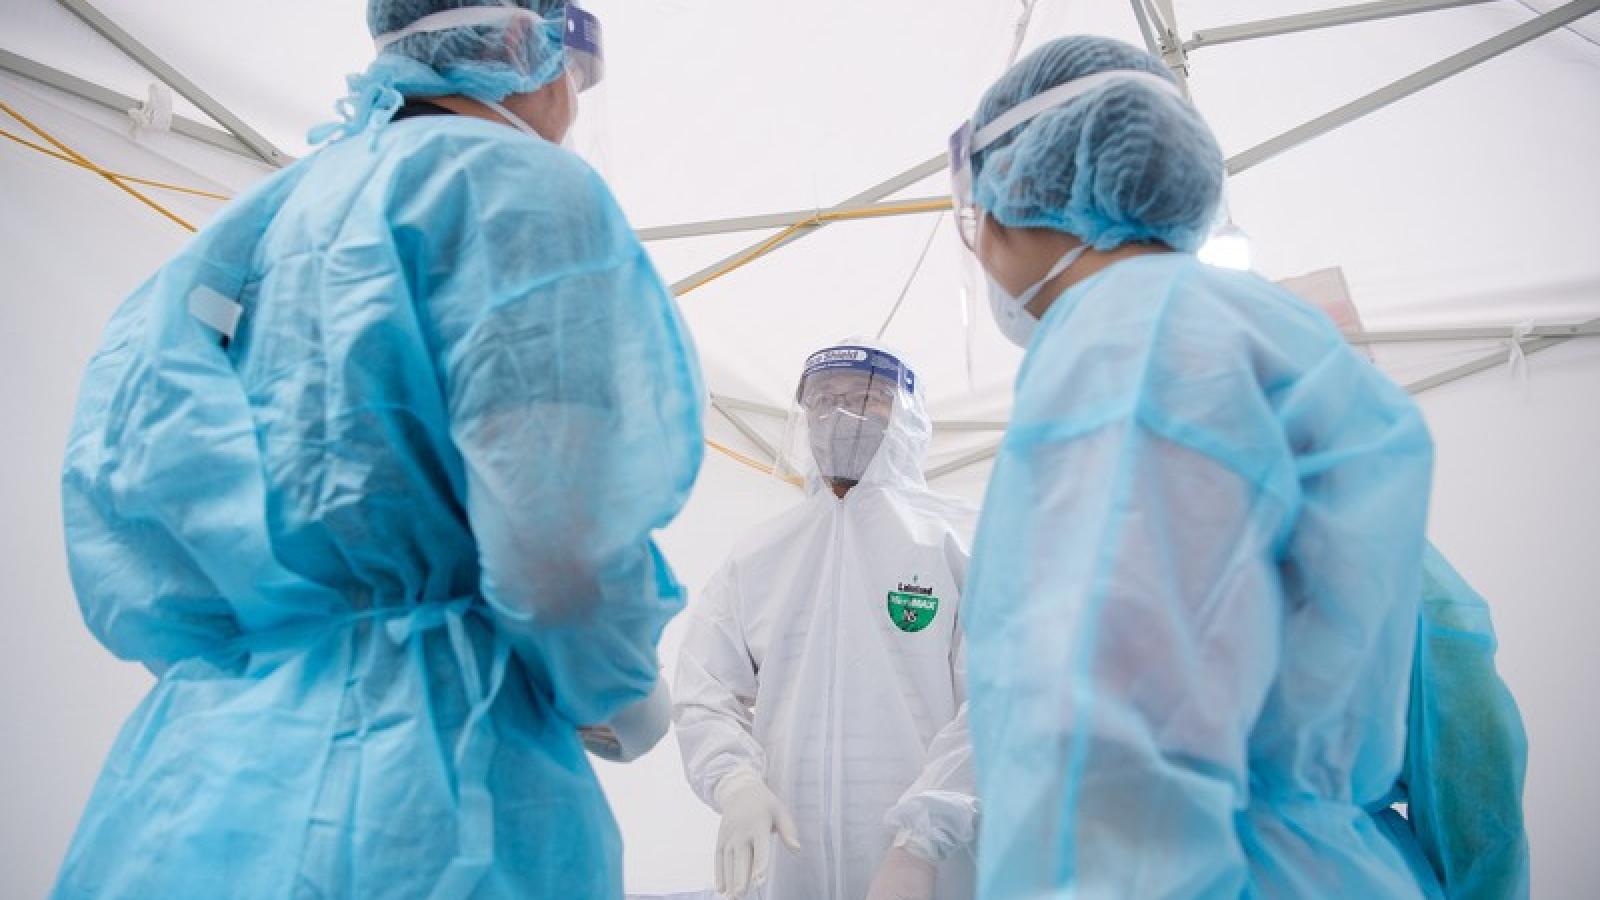 Viện Pasteur Nha Trang ngừng nhận mẫu xét nghiệm, địa phương gặp khó